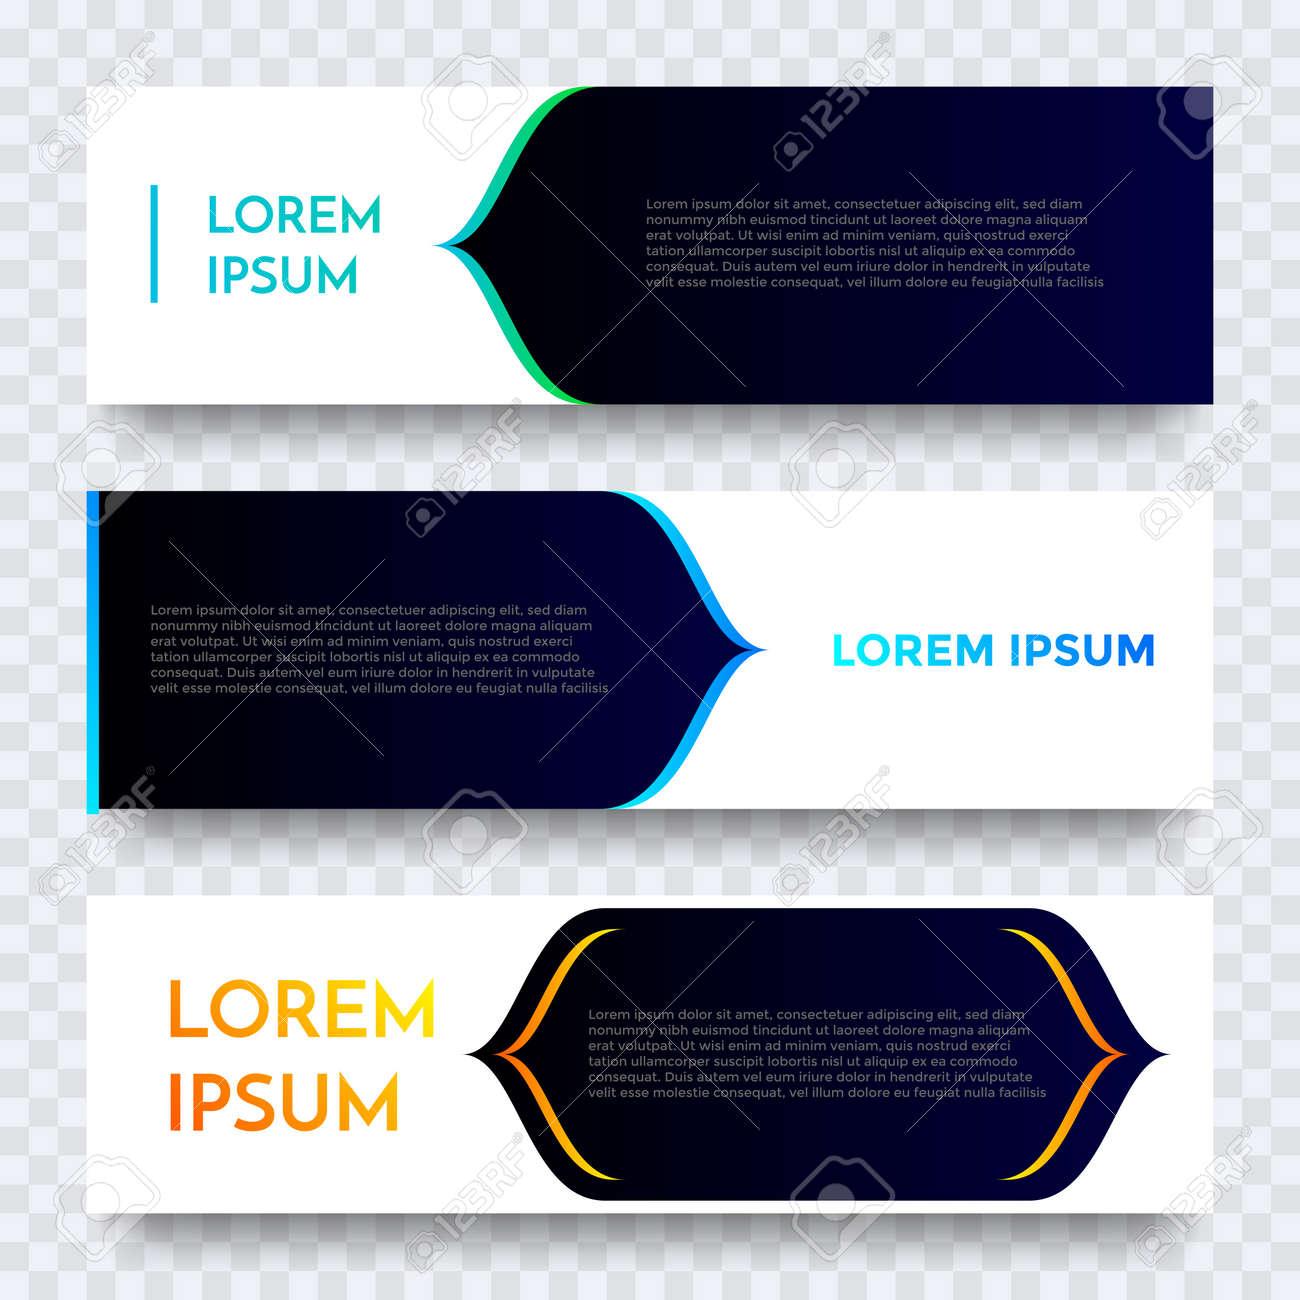 Vettoriale Web Design Banner Disegno Vettoriale Sfondo Moderno